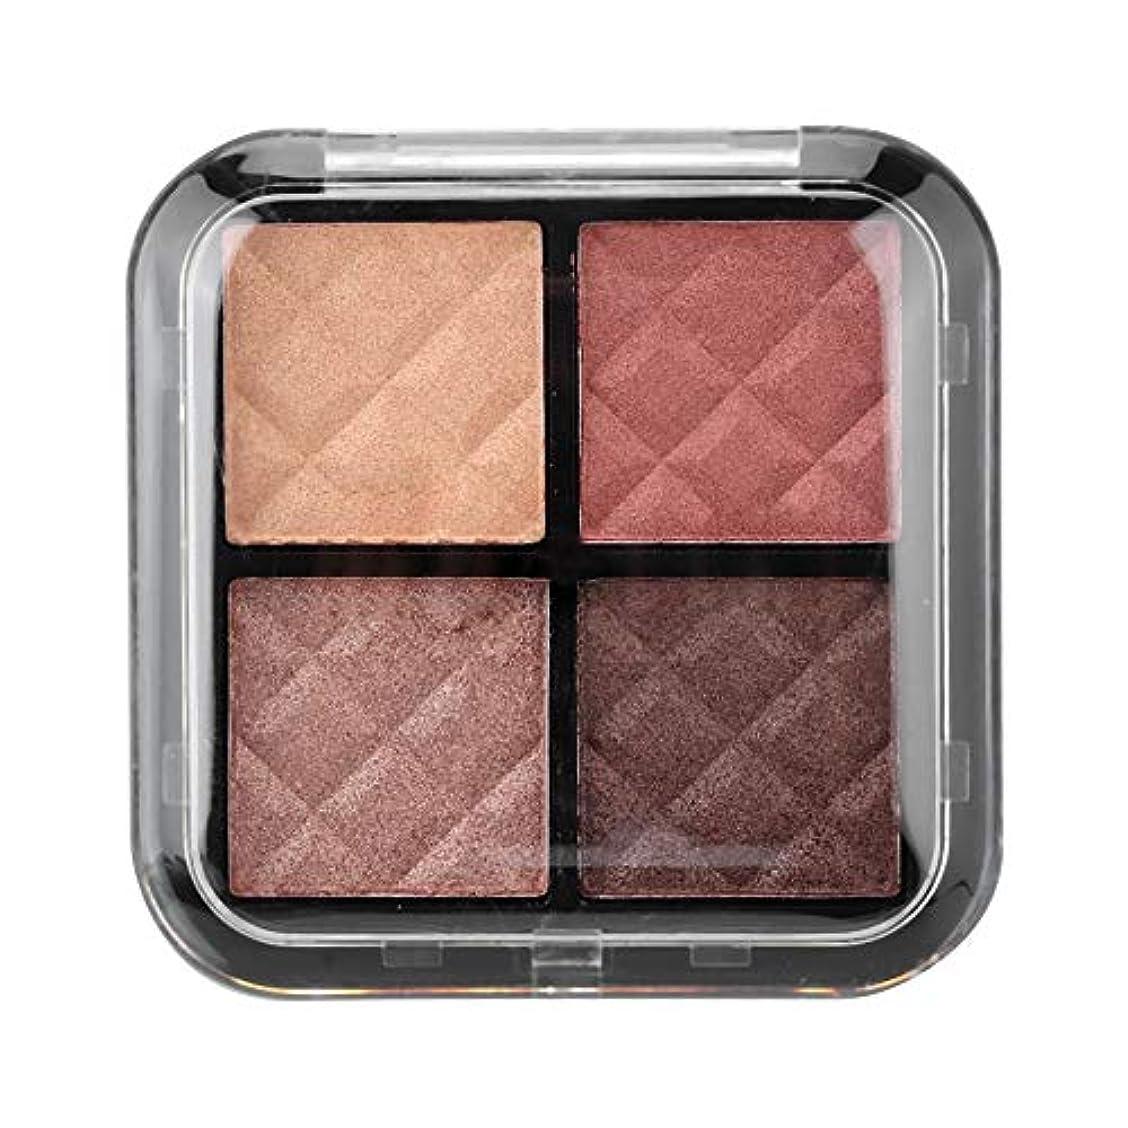 オークリム素敵なアイシャドウパレット 4色 化粧マット 化粧品ツール グロス アイシャドウパウダー(01)